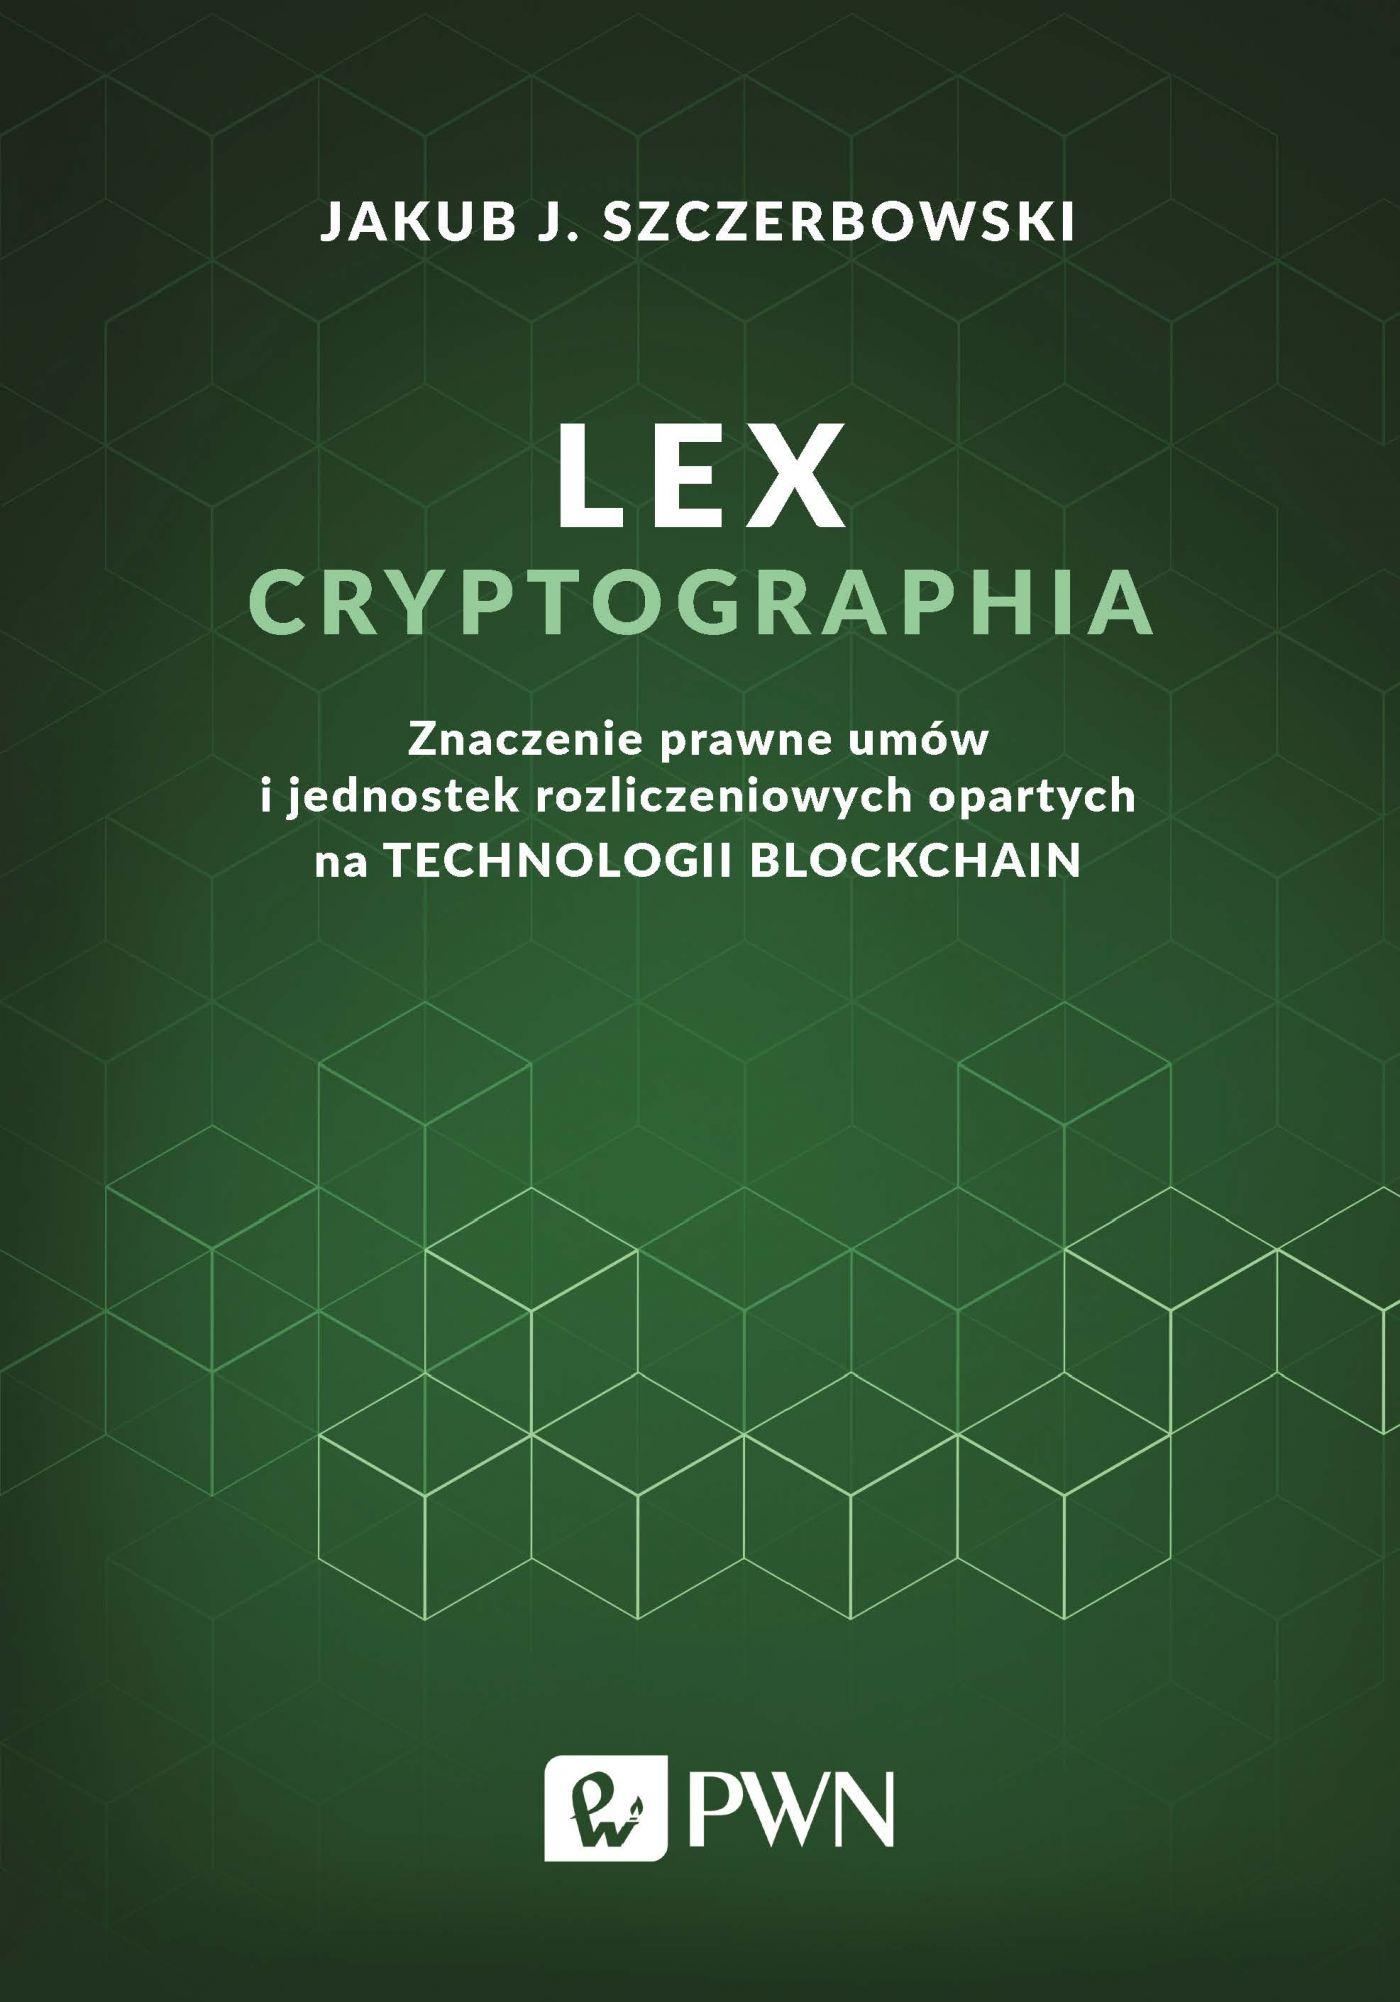 Lex cryptographia. Znaczenie prawne umów i jednostek rozliczeniowych opartych na technologii blockchain - Ebook (Książka na Kindle) do pobrania w formacie MOBI